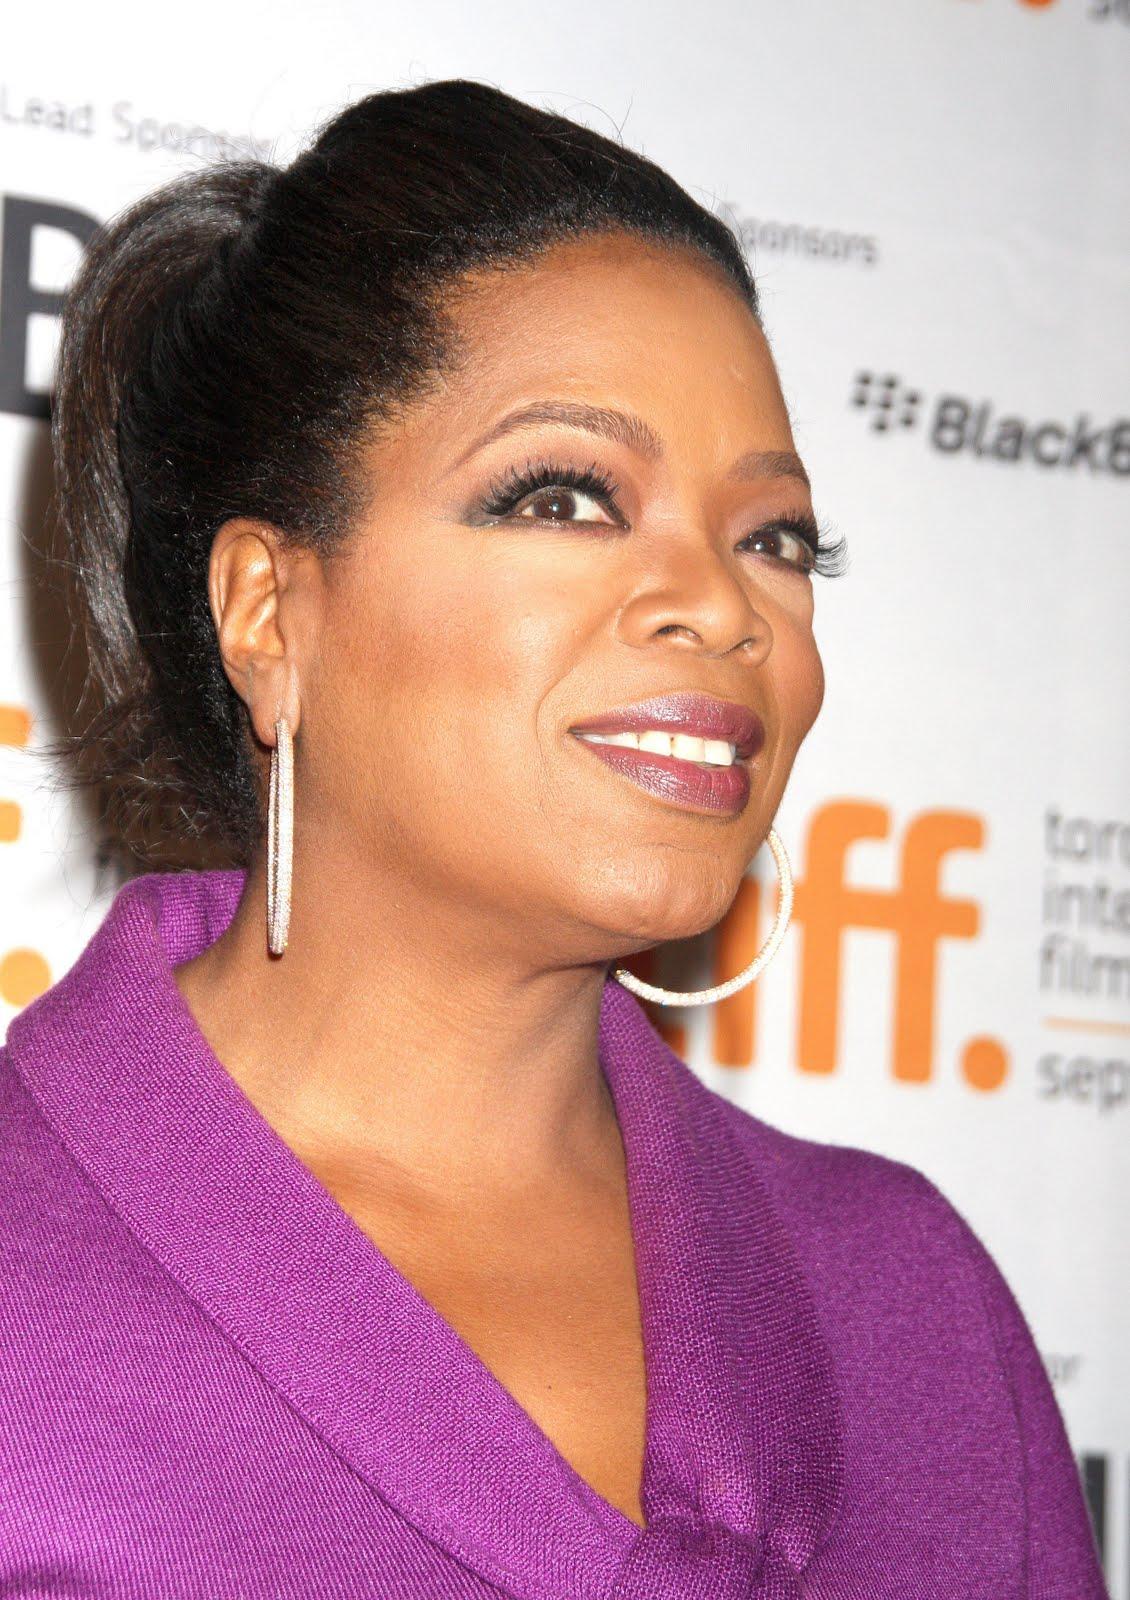 http://4.bp.blogspot.com/_ABYwC1pviRs/S-L8B1-kYRI/AAAAAAAAAiY/twhpIcL2jj0/s1600/Oprah+TIFF+2.jpg